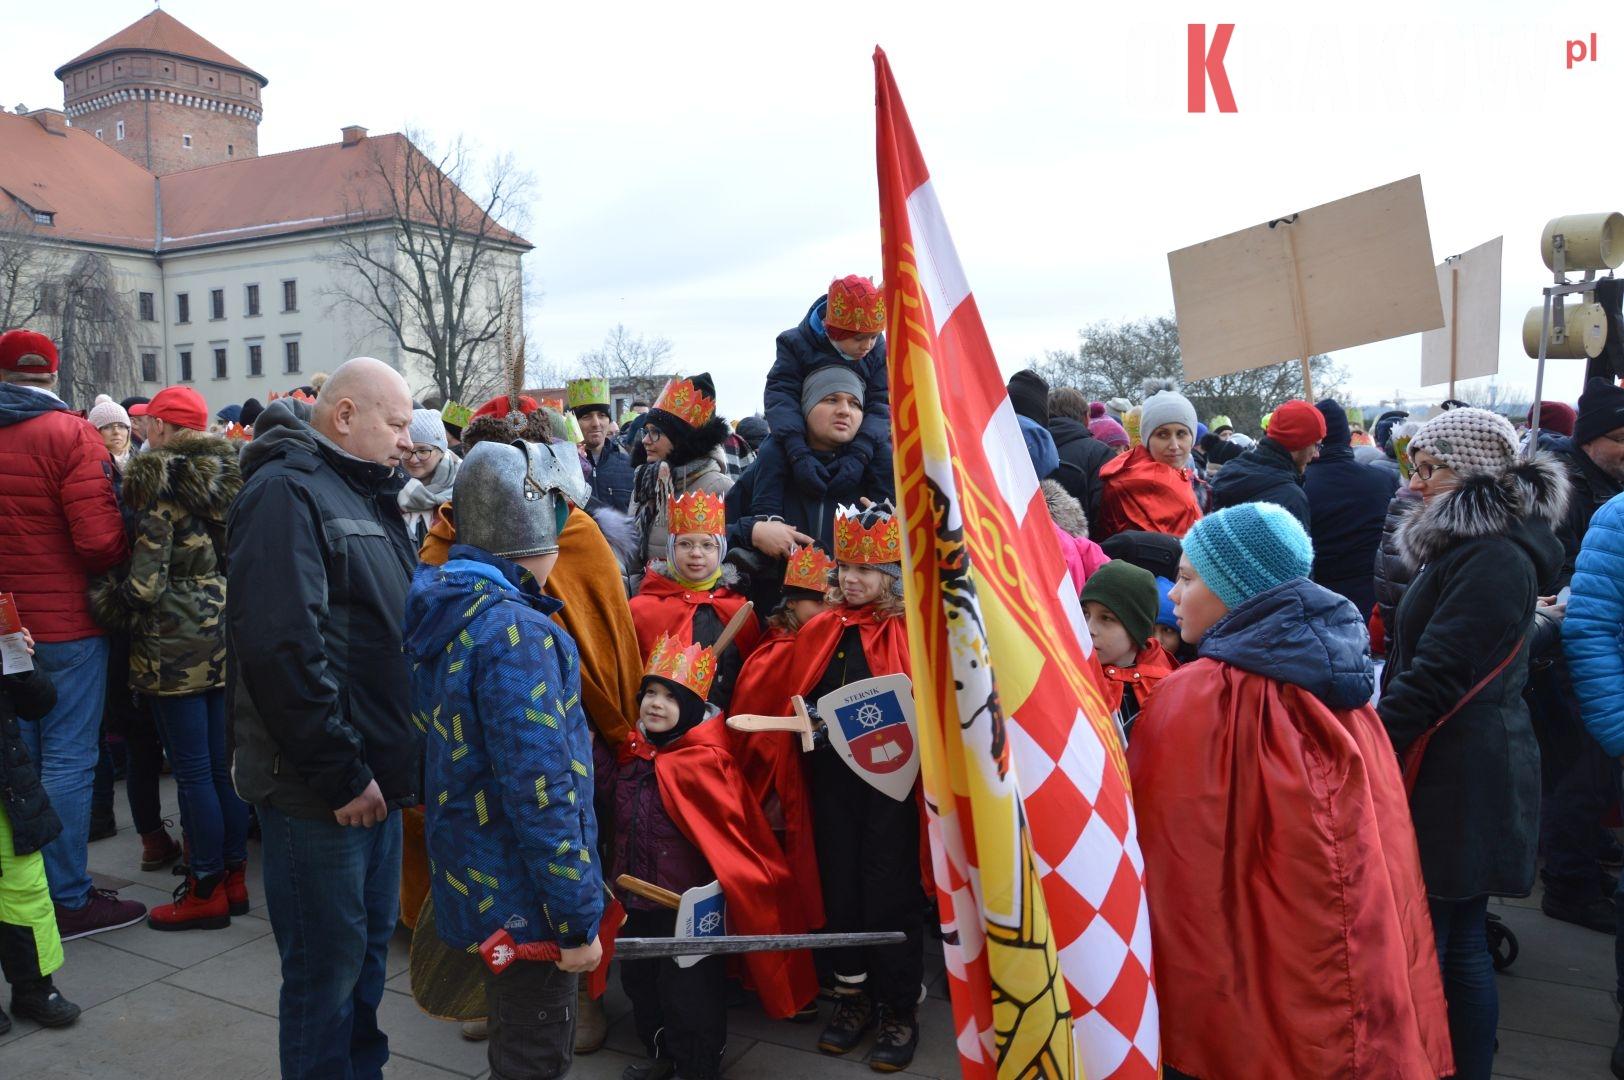 orszak 12 1 150x150 - Orszak Trzech Króli Kraków 2020 Galeria Zdjęć z Orszaku (czerwonego)